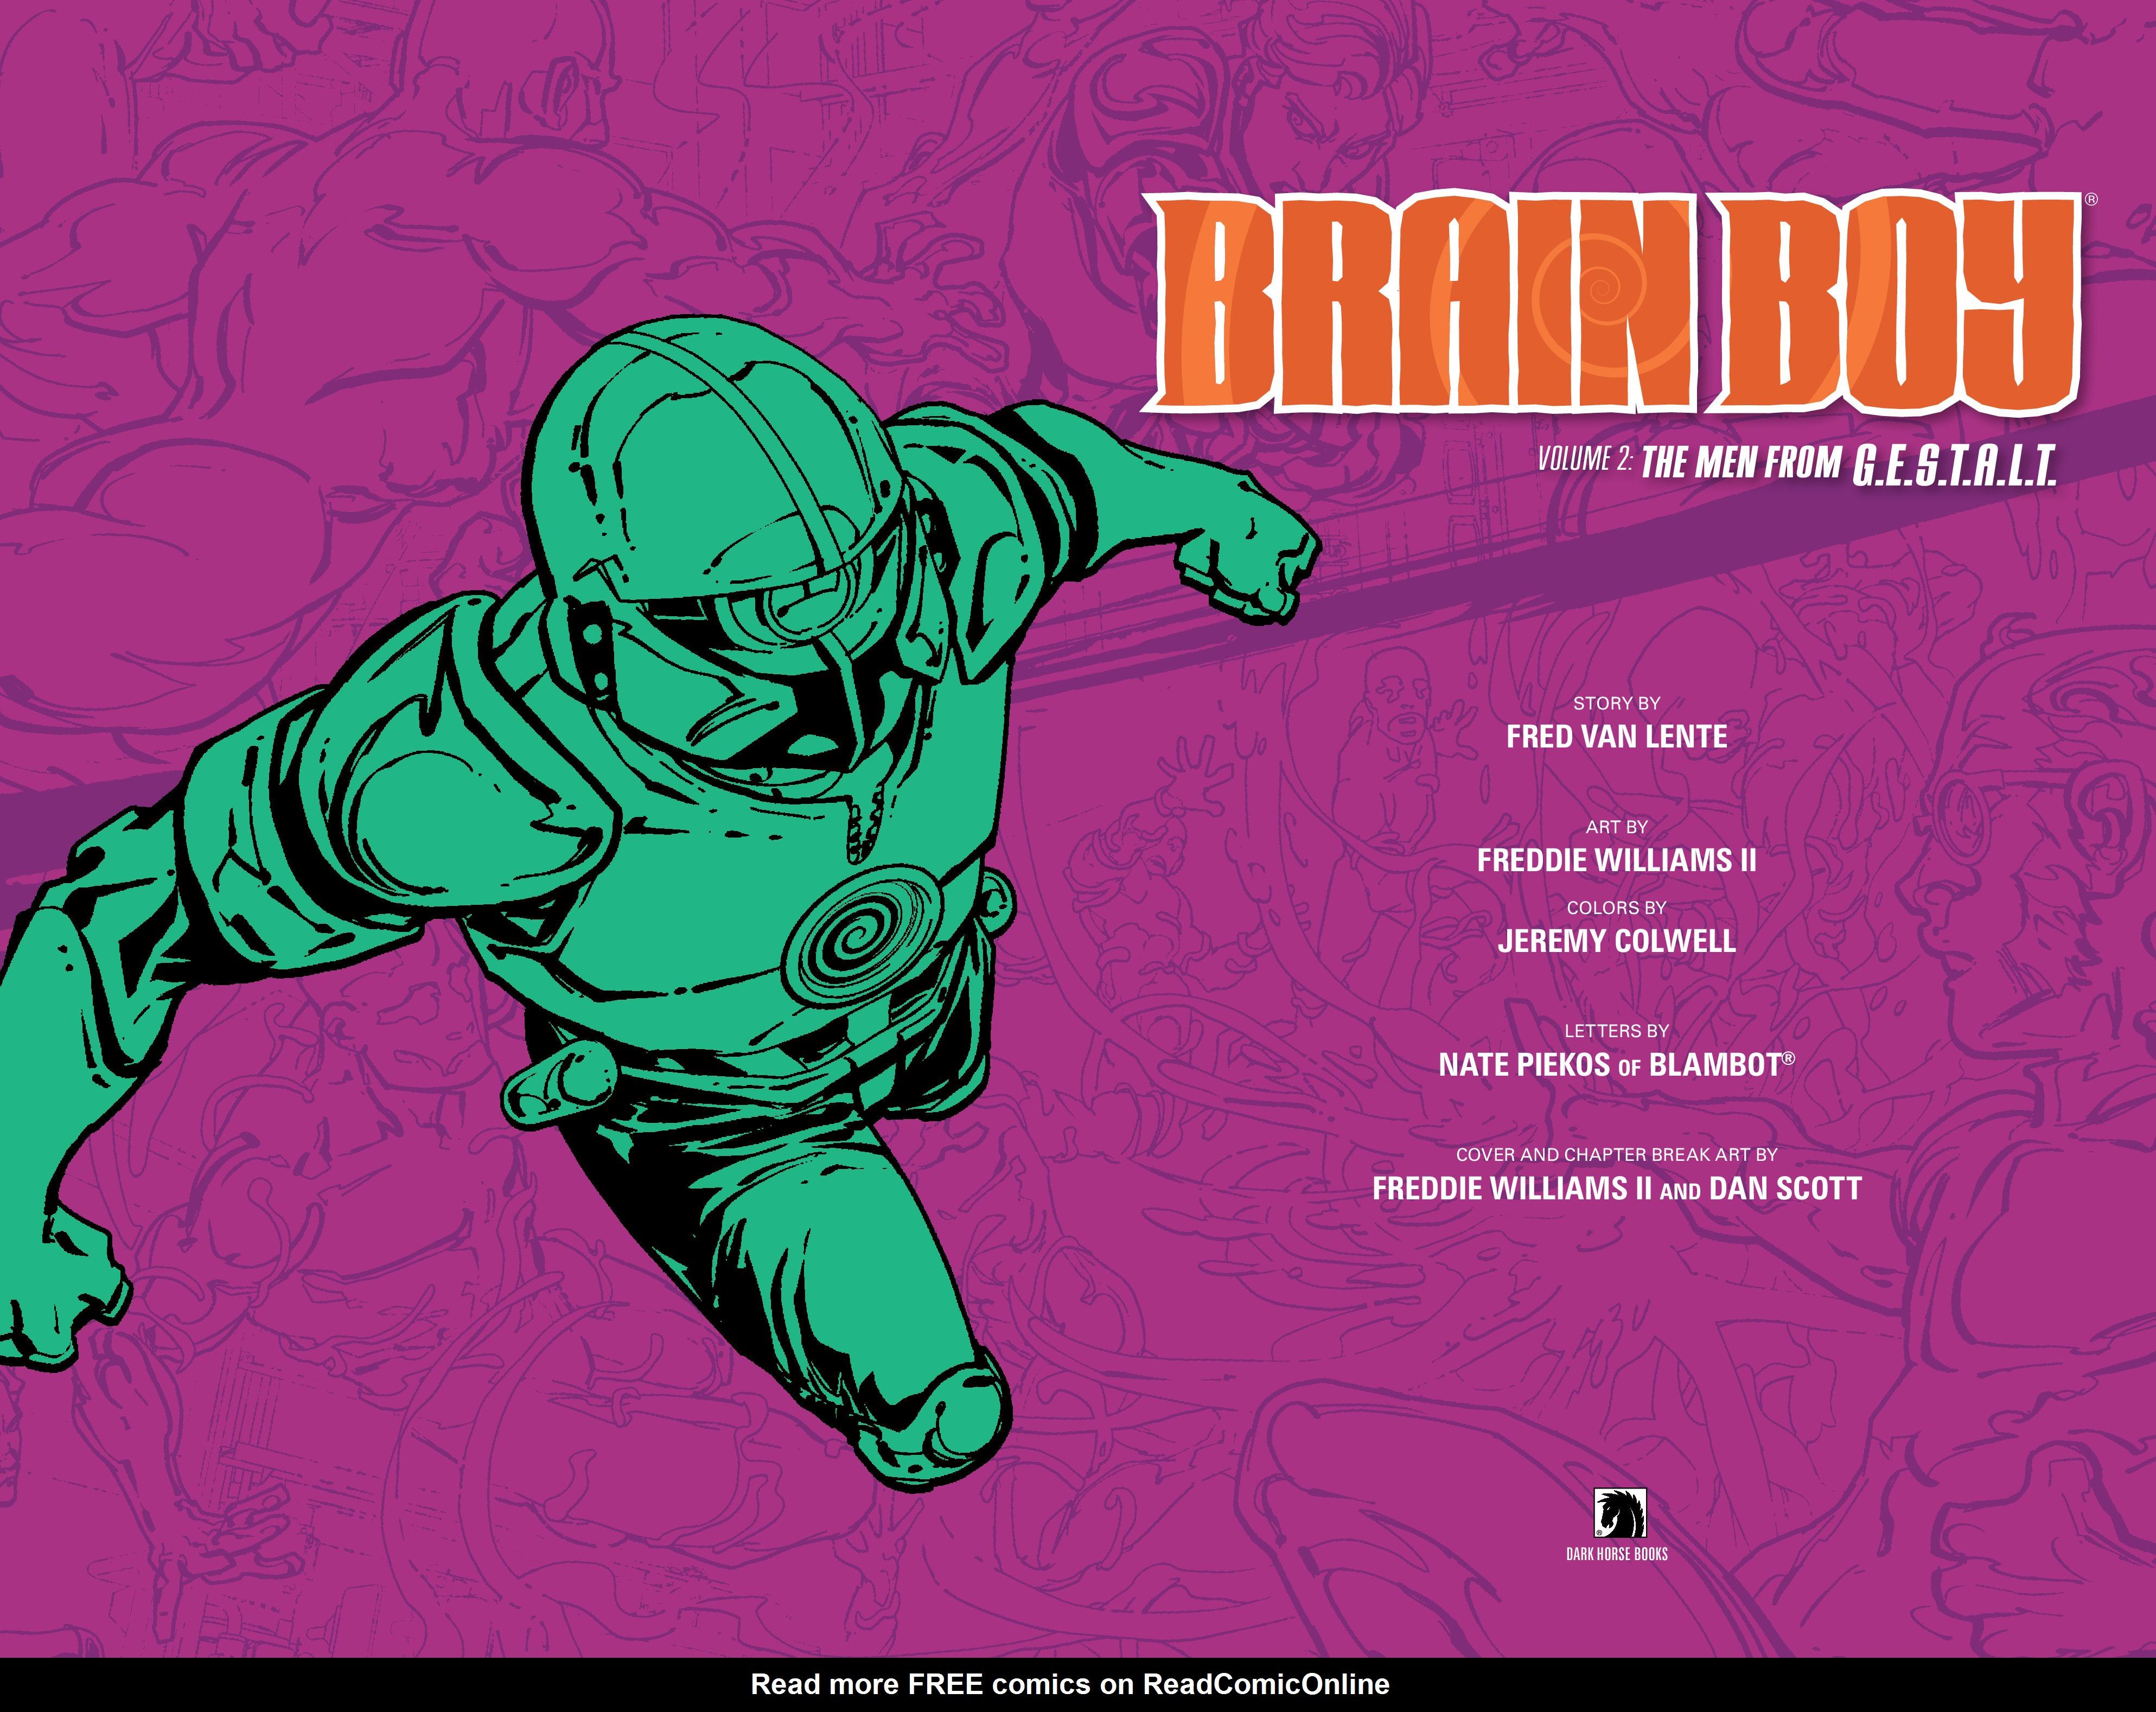 Read online Brain Boy:  The Men from G.E.S.T.A.L.T. comic -  Issue # TPB - 4